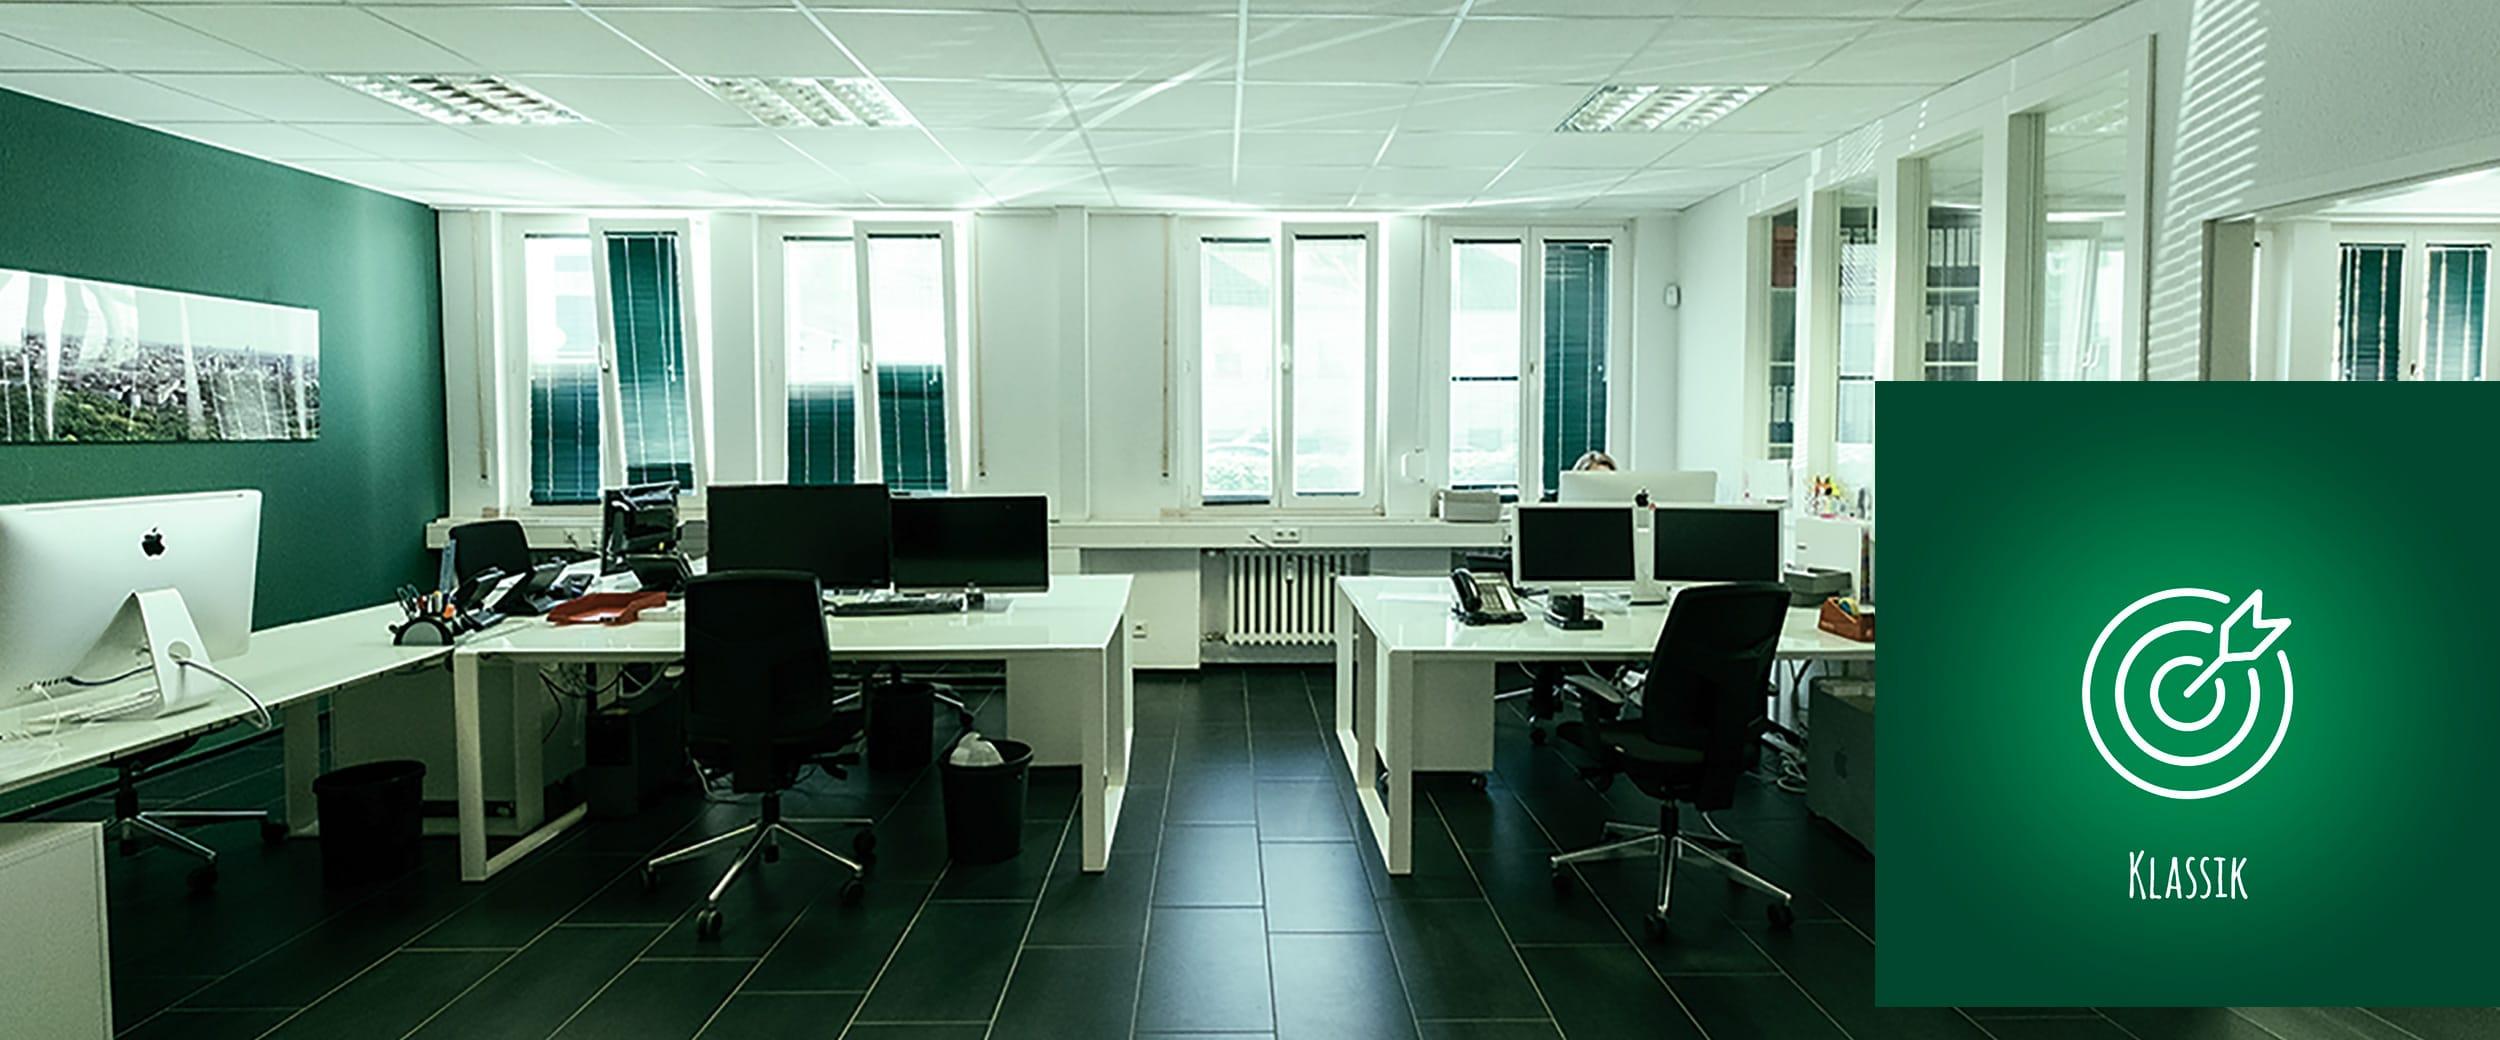 Büroraum mit schwarzen Fliesen, weißen und schwarzen Möbeln und grünen Akzenten.